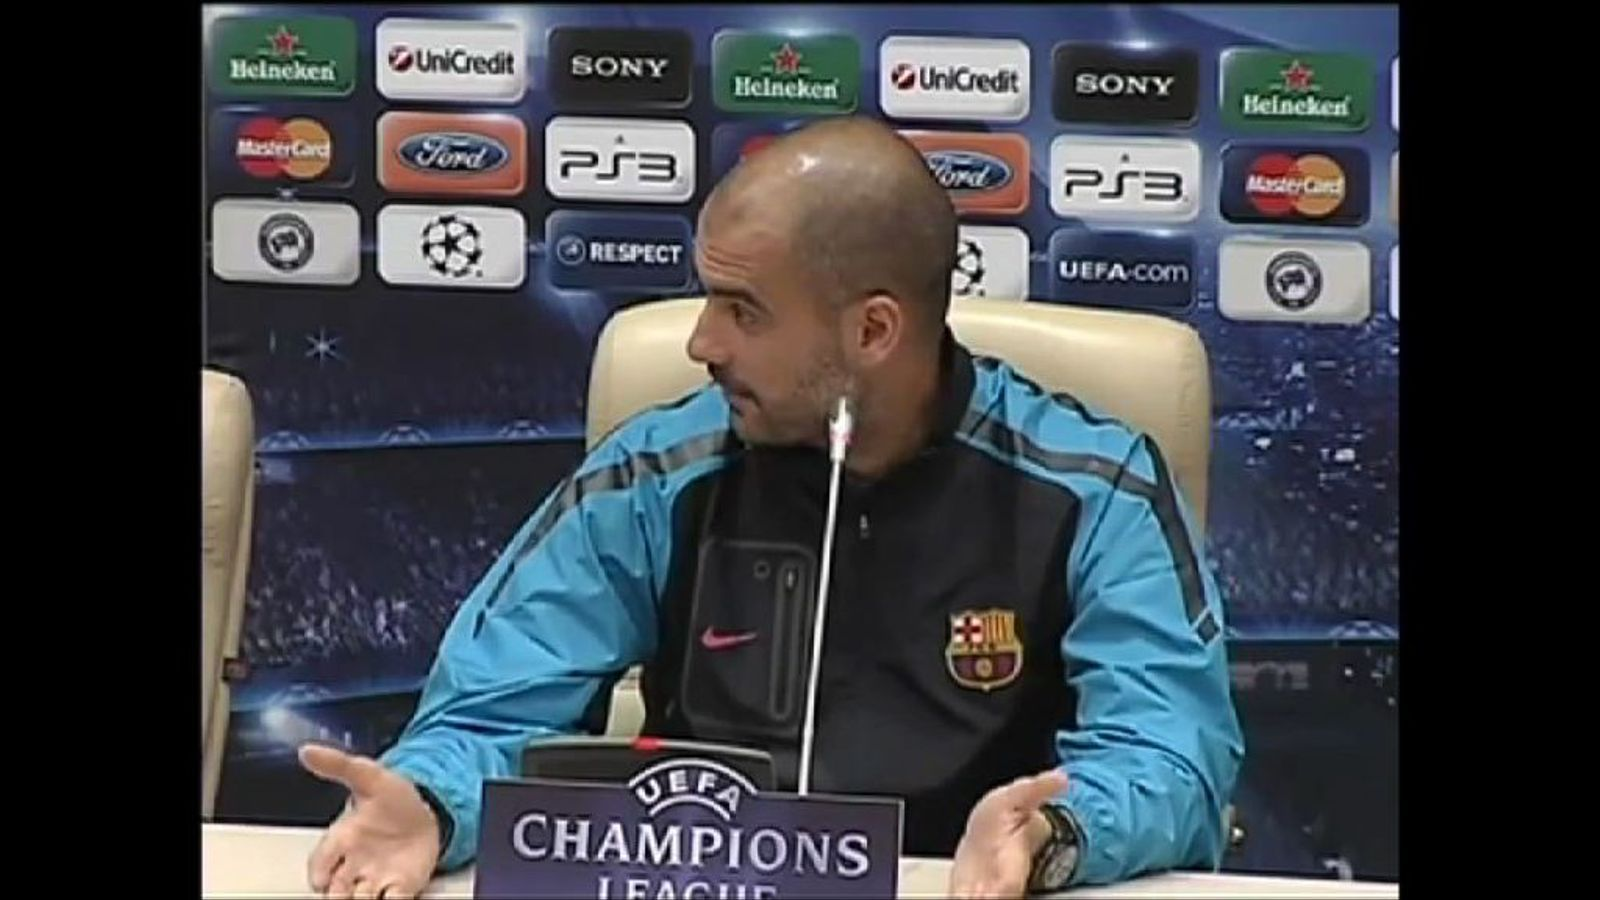 L'error de Guardiola que ha provocat la portada del diari Marca: Si guanyem som a la final